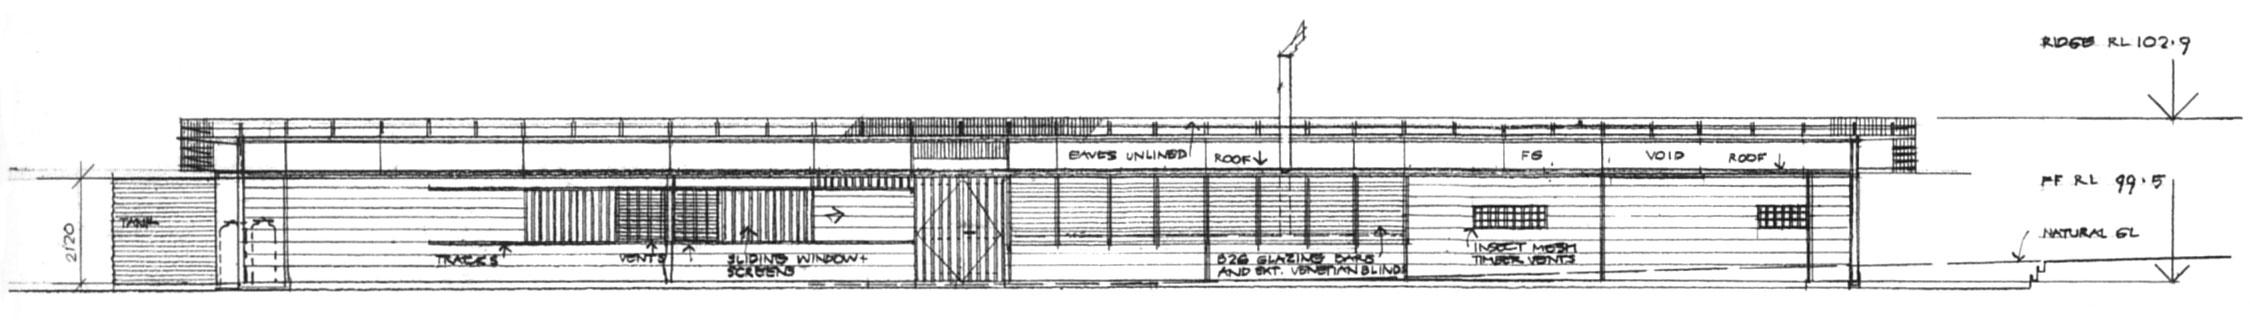 شرکت معماری گلِن مِرکات، خانهی فلِچِر پِیج؛ نیو ساوثوِلز، استرالیا، 1998